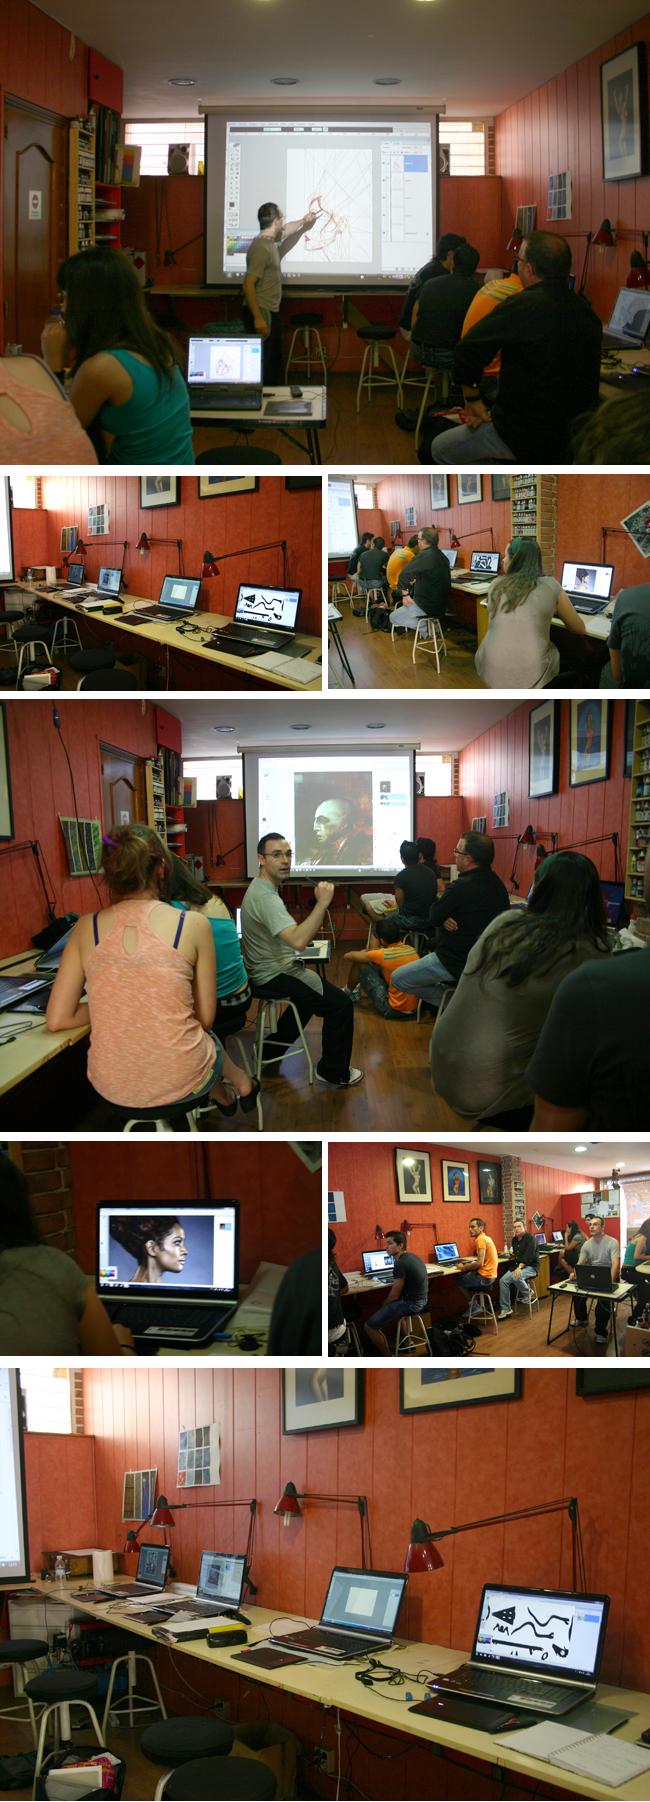 Curso Intensivo de verano de Dibujo, cómic e Ilustración digital en Academia C10